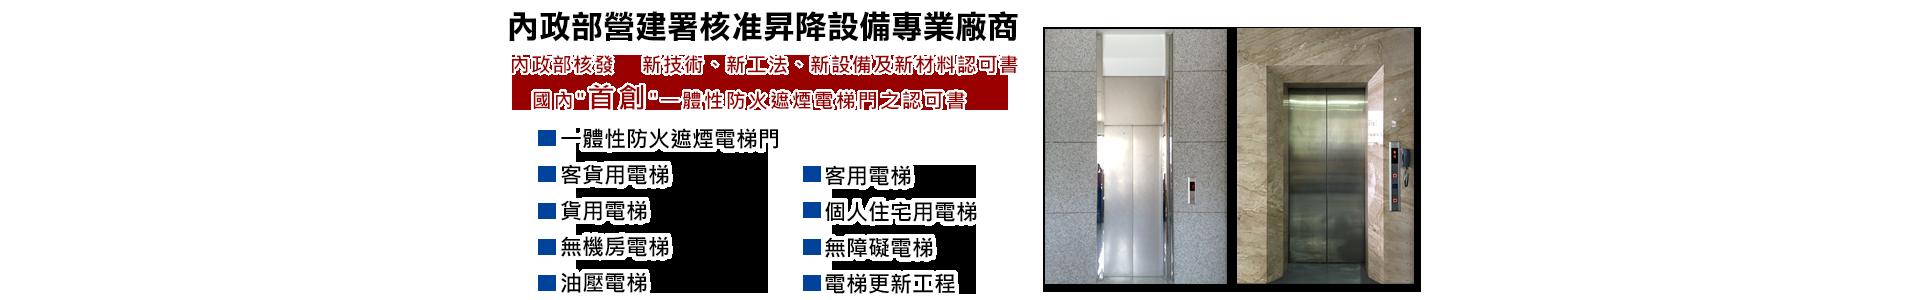 國揚電梯工業股份有限公司